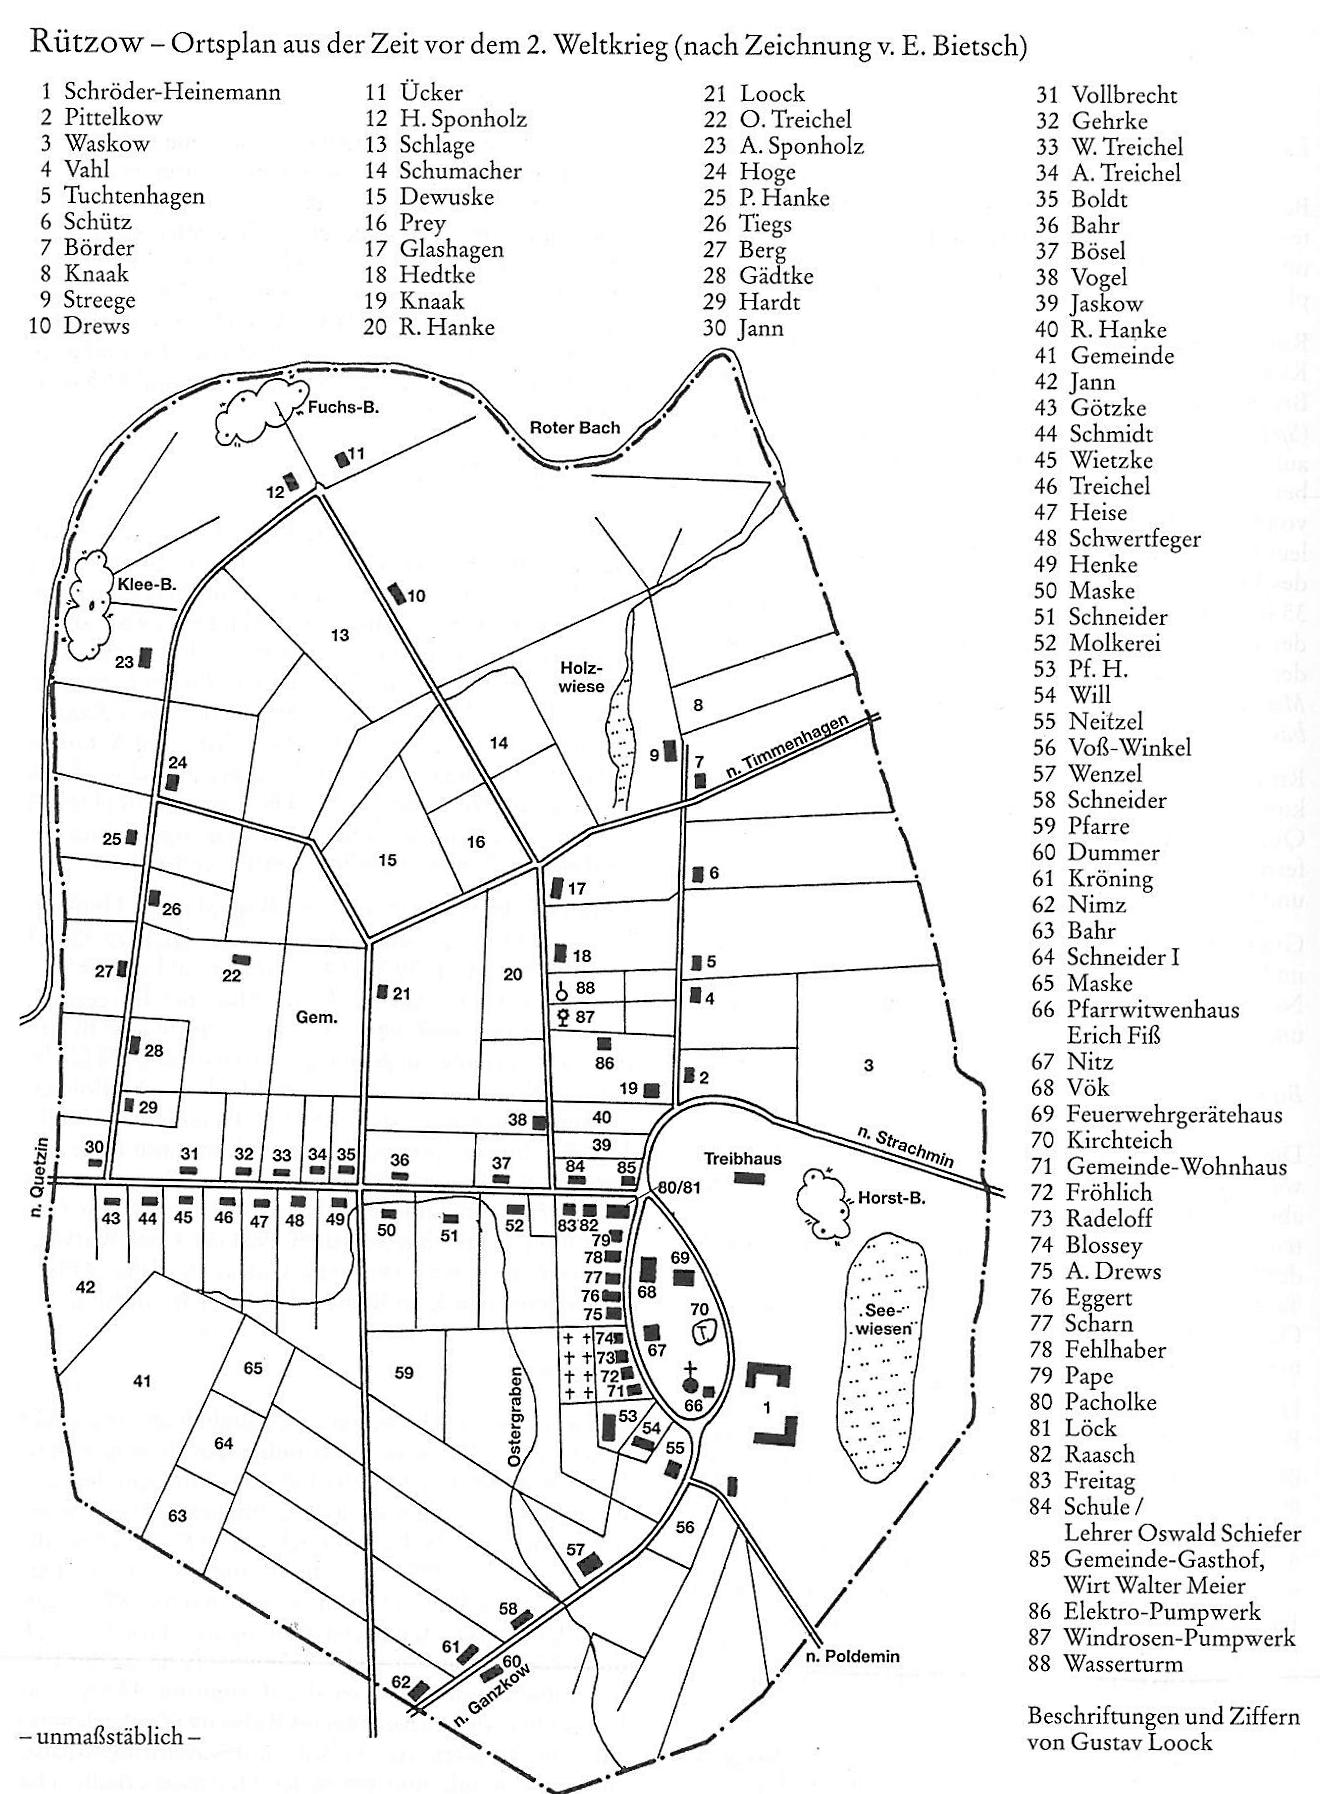 RützowMap